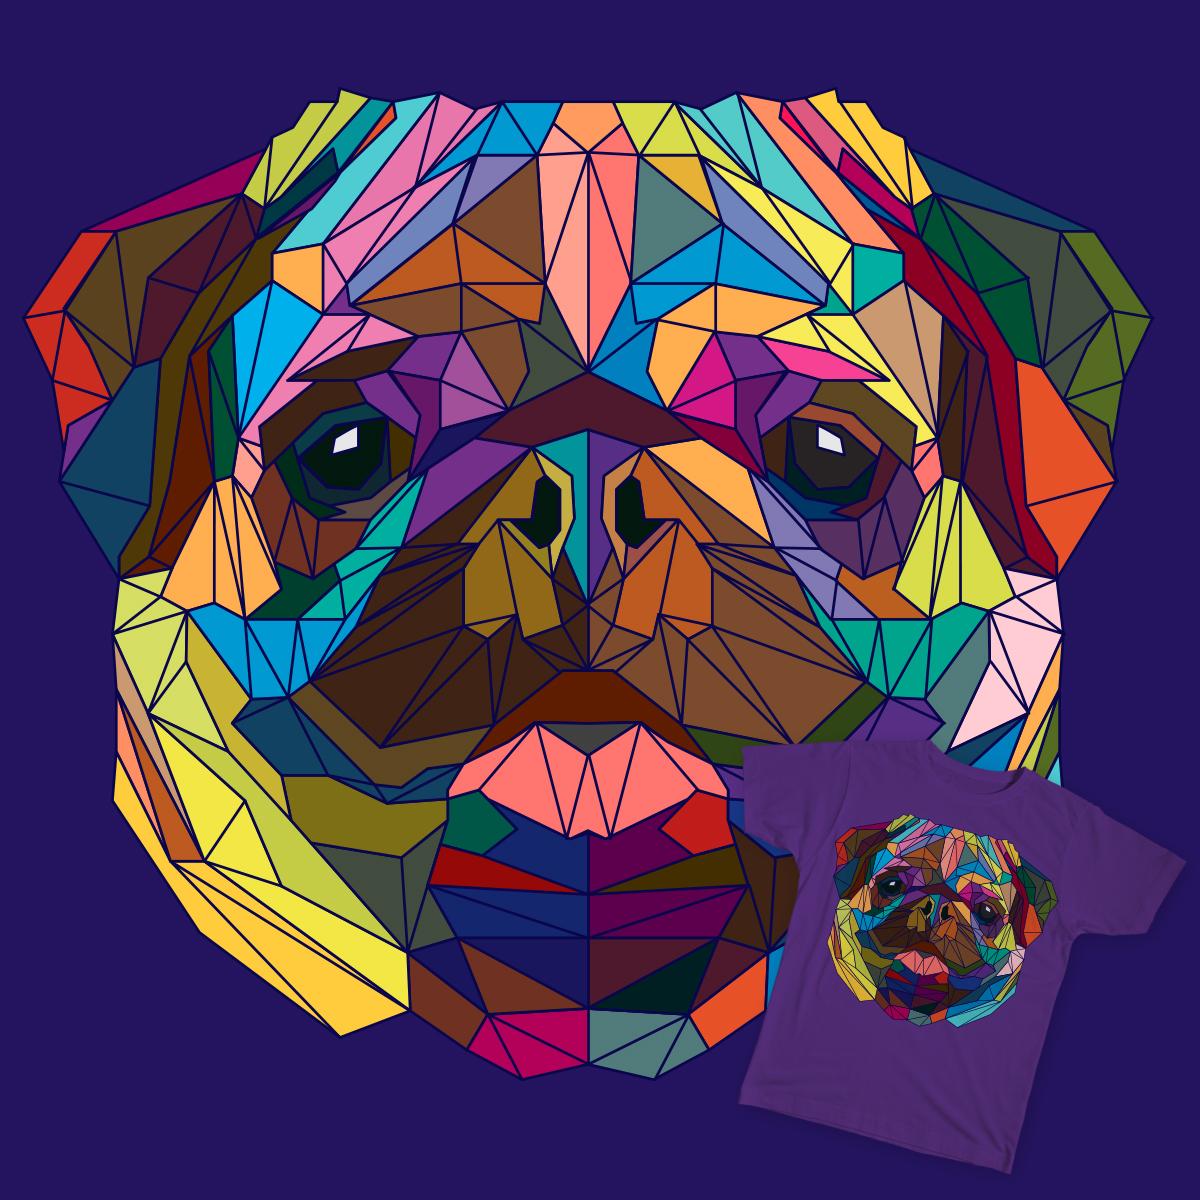 fragile pug by sknny on Threadless